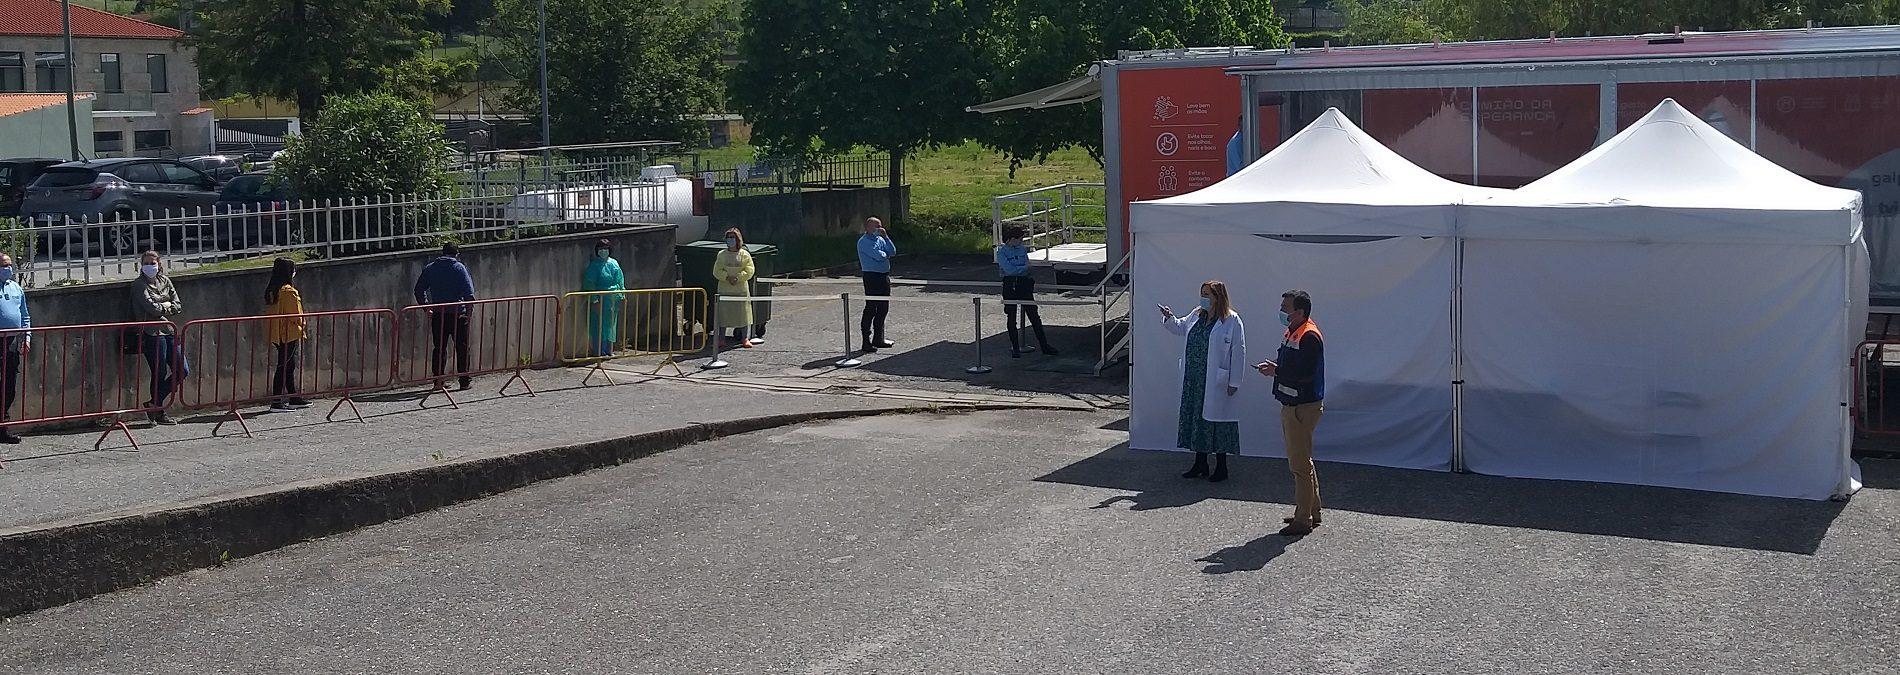 COVID-19: Camião da Esperança detetou um caso positivo em 210 testes realizados em Oliveira do Hospital